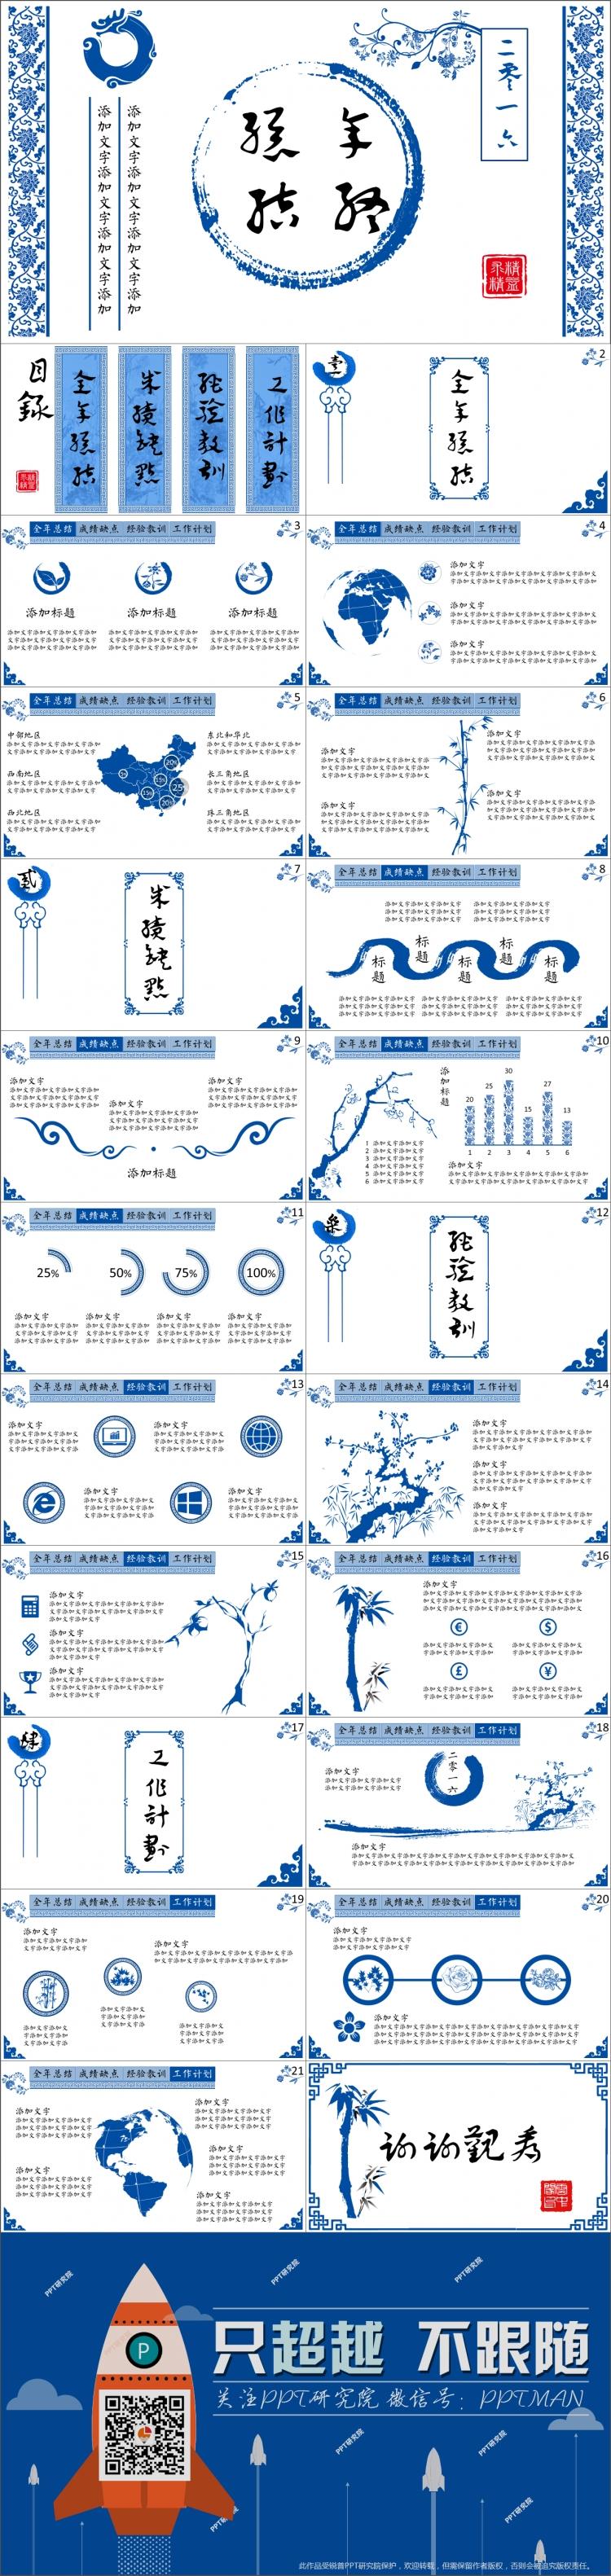 总结ppt模板简约实用,漂亮时尚,可用于各行各业,个人或企业工作总结